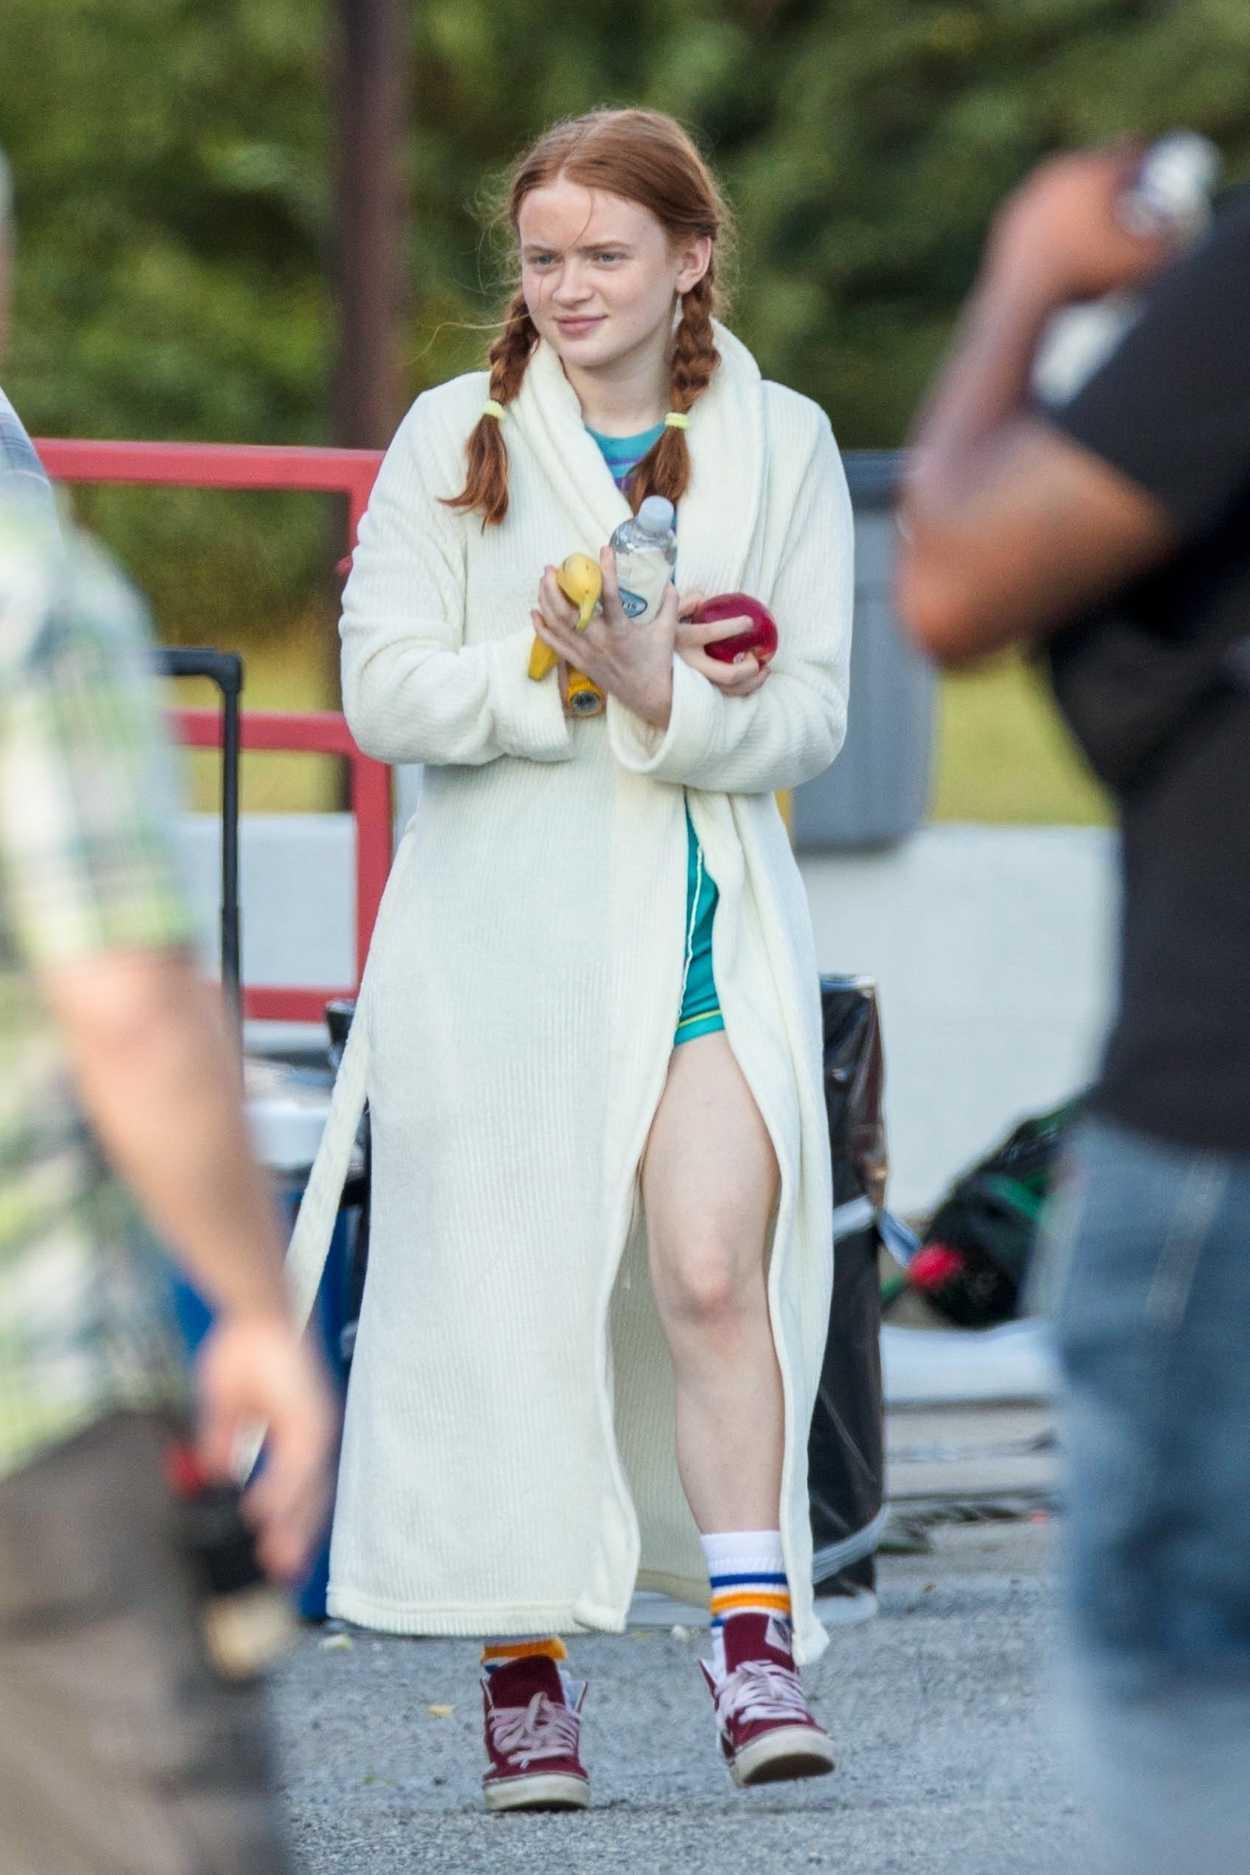 Sadie Sink on the Set of Stranger Things Season 3 in